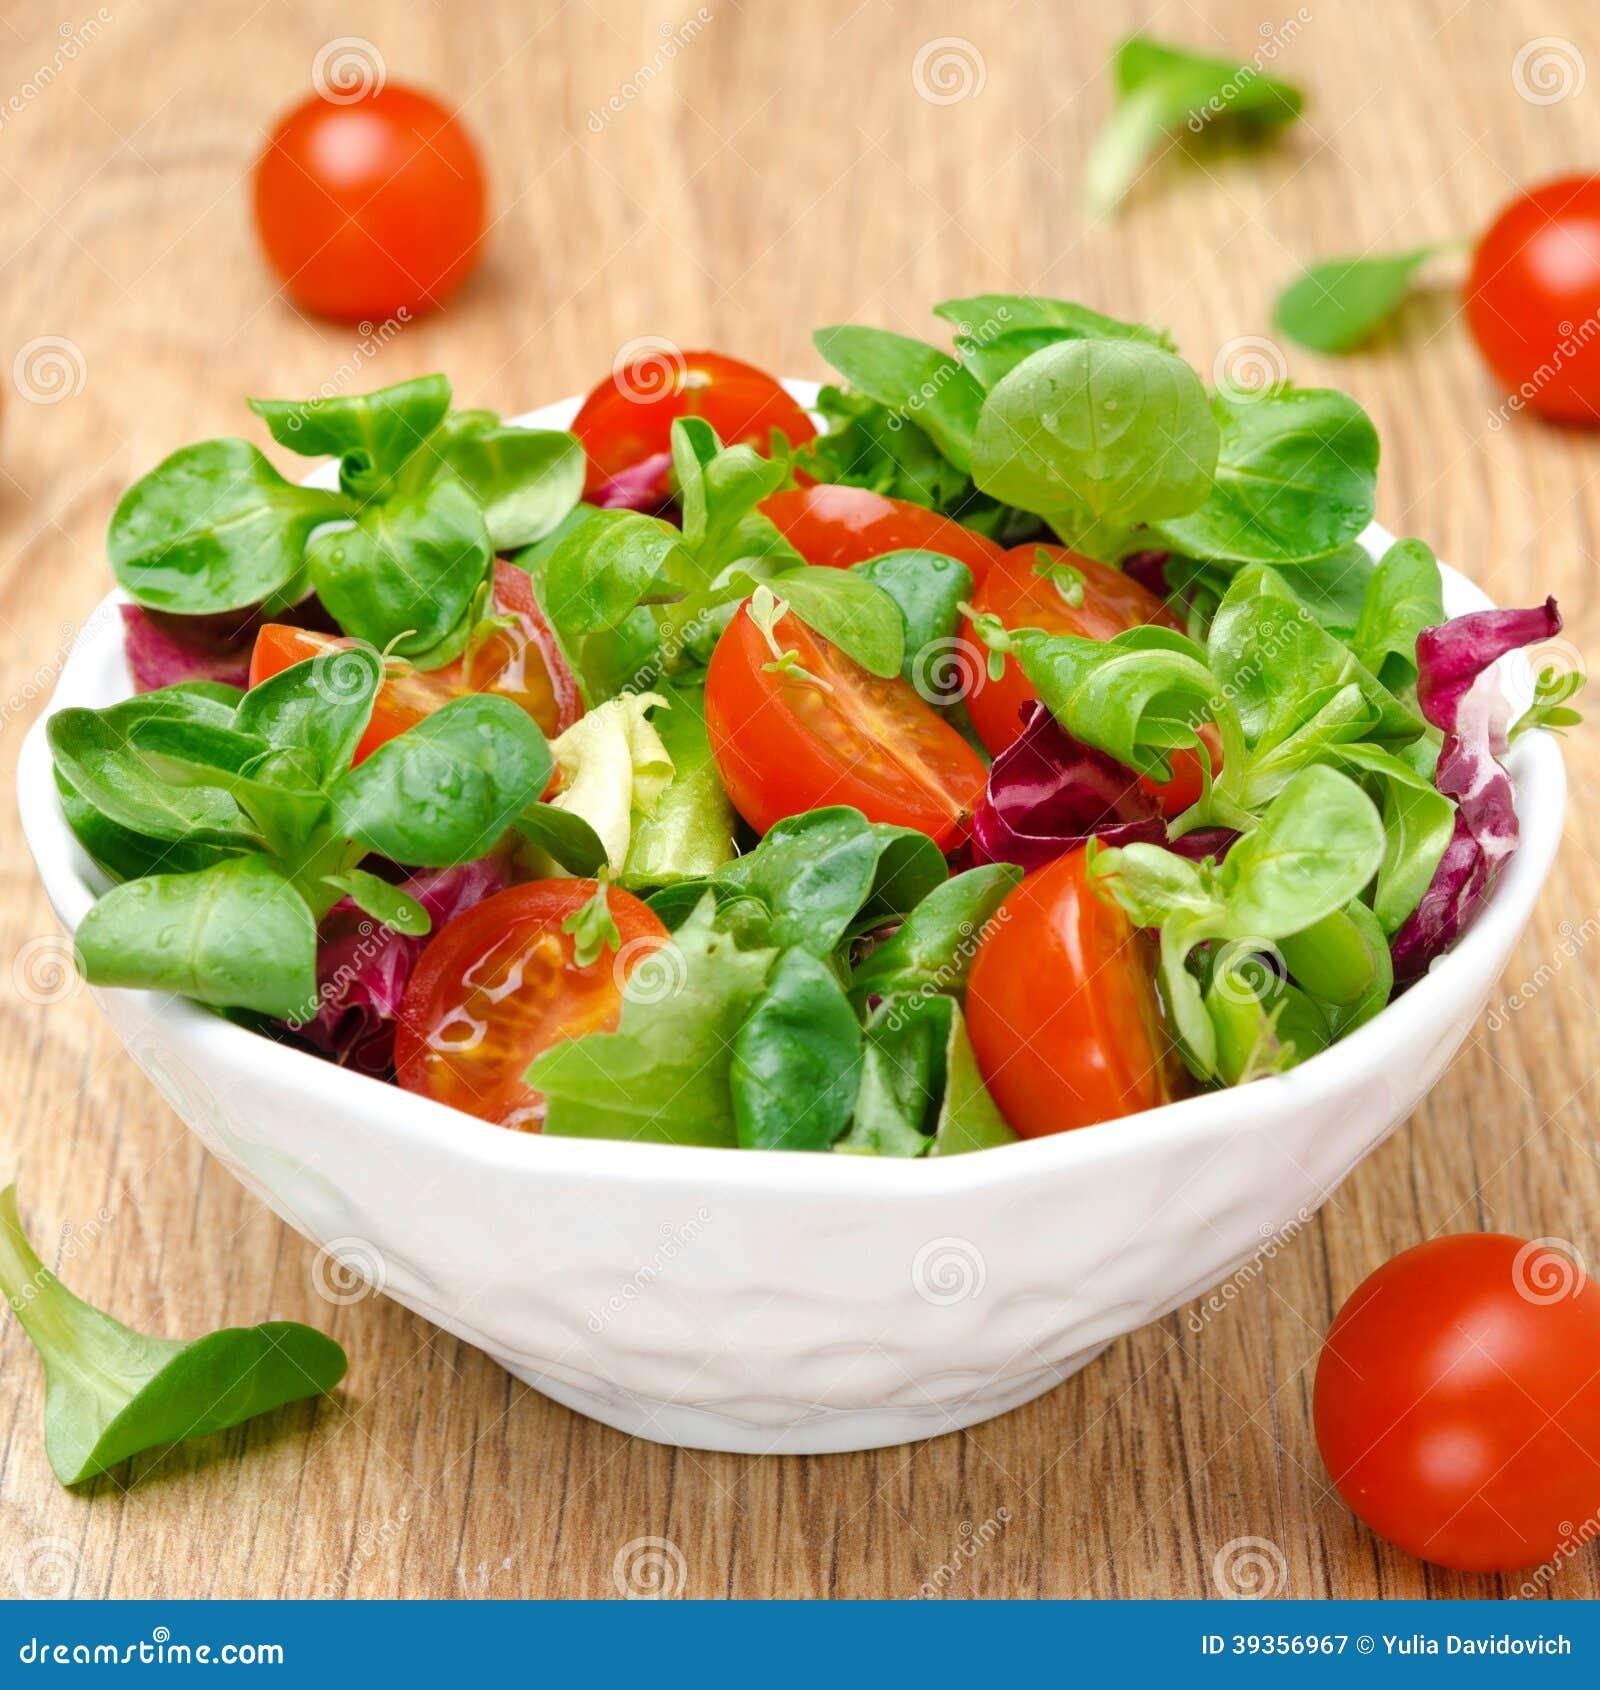 Salade verte et tomates cerises dans une cuvette photo stock image 39356967 - Salade verte calorie ...